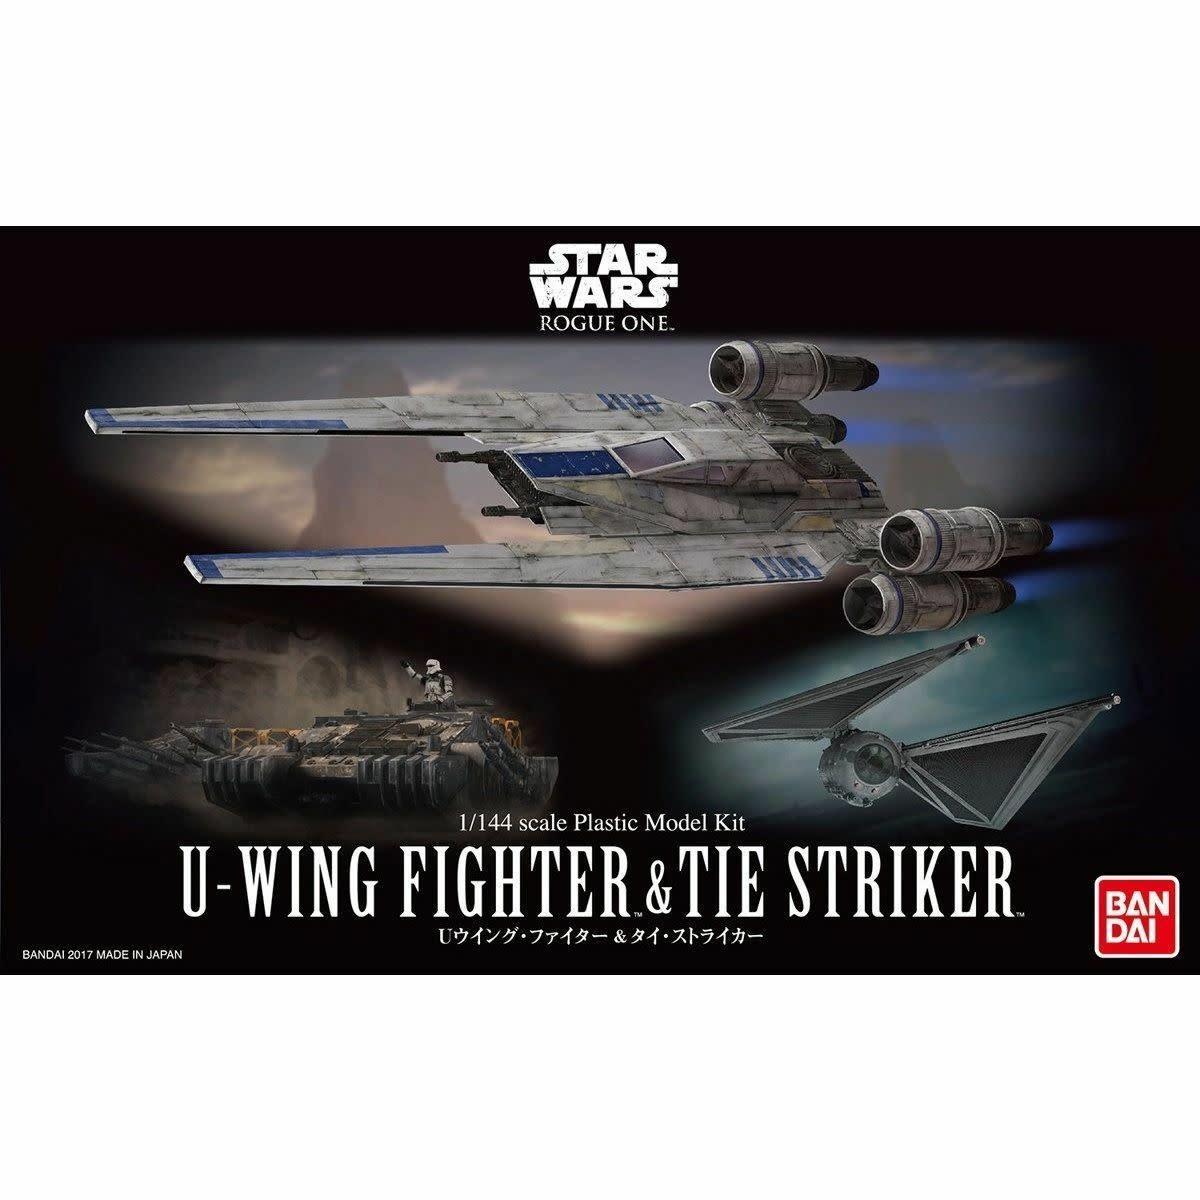 U-Wing Fighter & TIE Striker 1/144